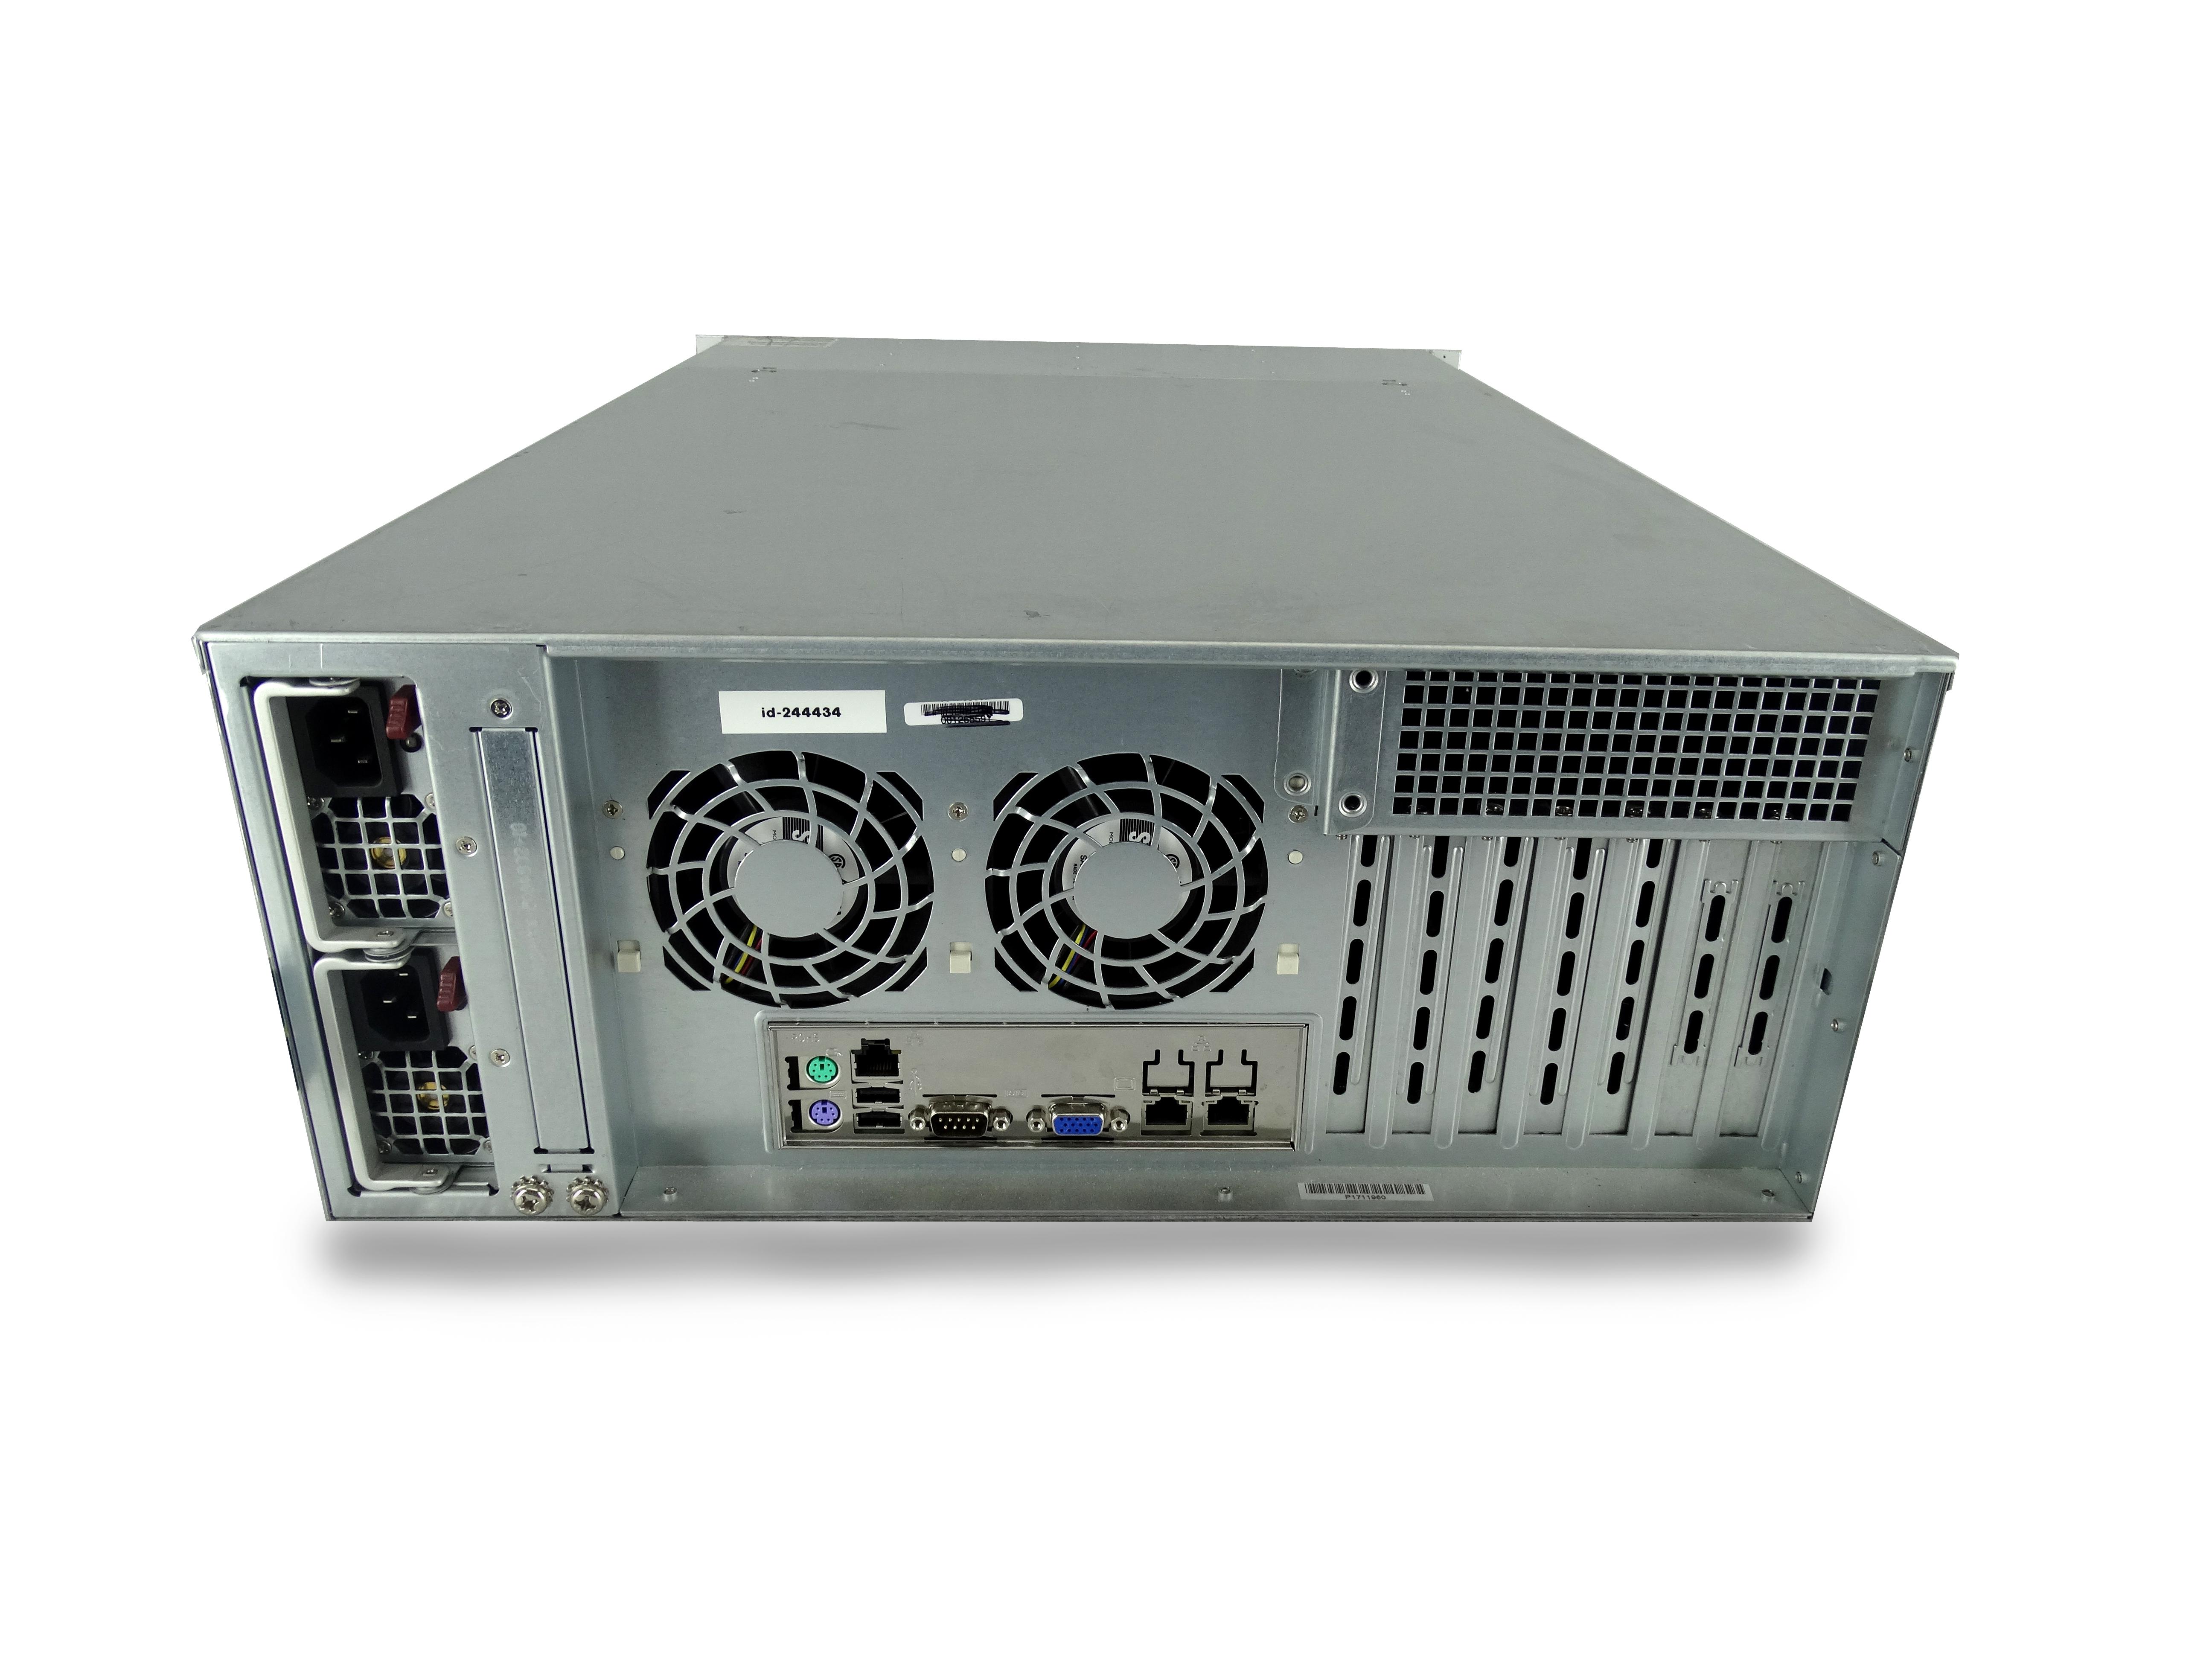 Supermicro-4U-Freenas-ZFS-Unraid-Server-2x-E5-2650v2-8-Core-48GB-24x-Trays thumbnail 3